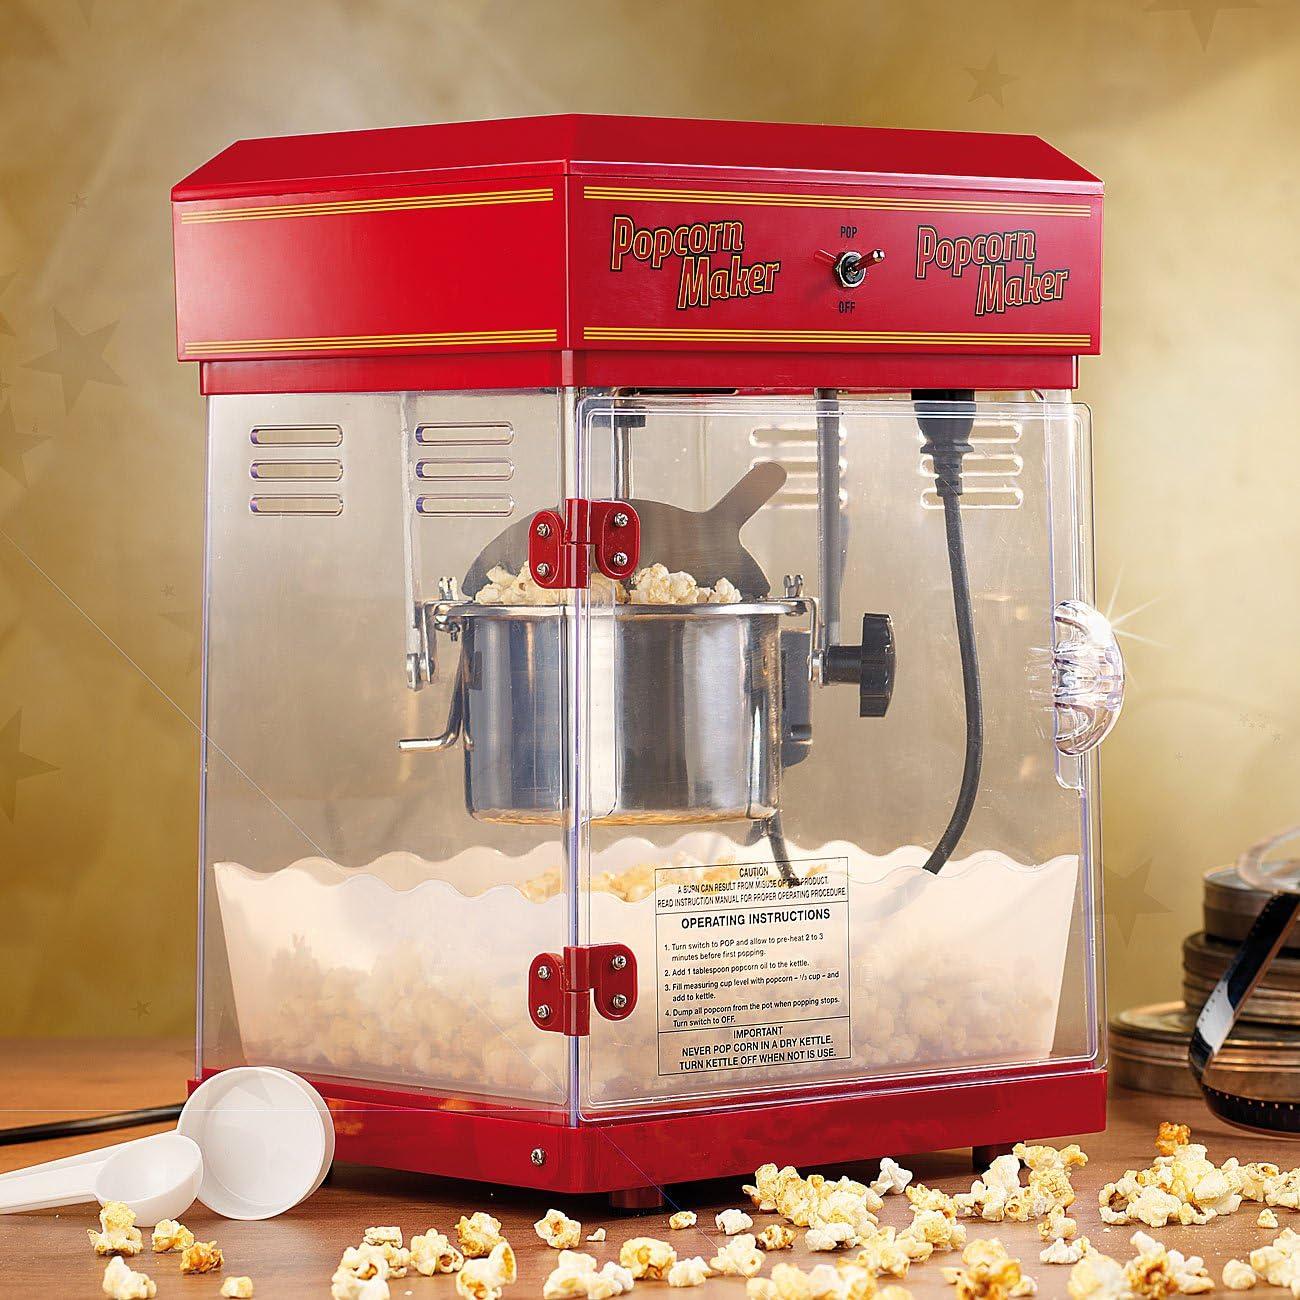 Auch Rosenstein & Söhne stellt hochwertigen Popcornmaschinen her.